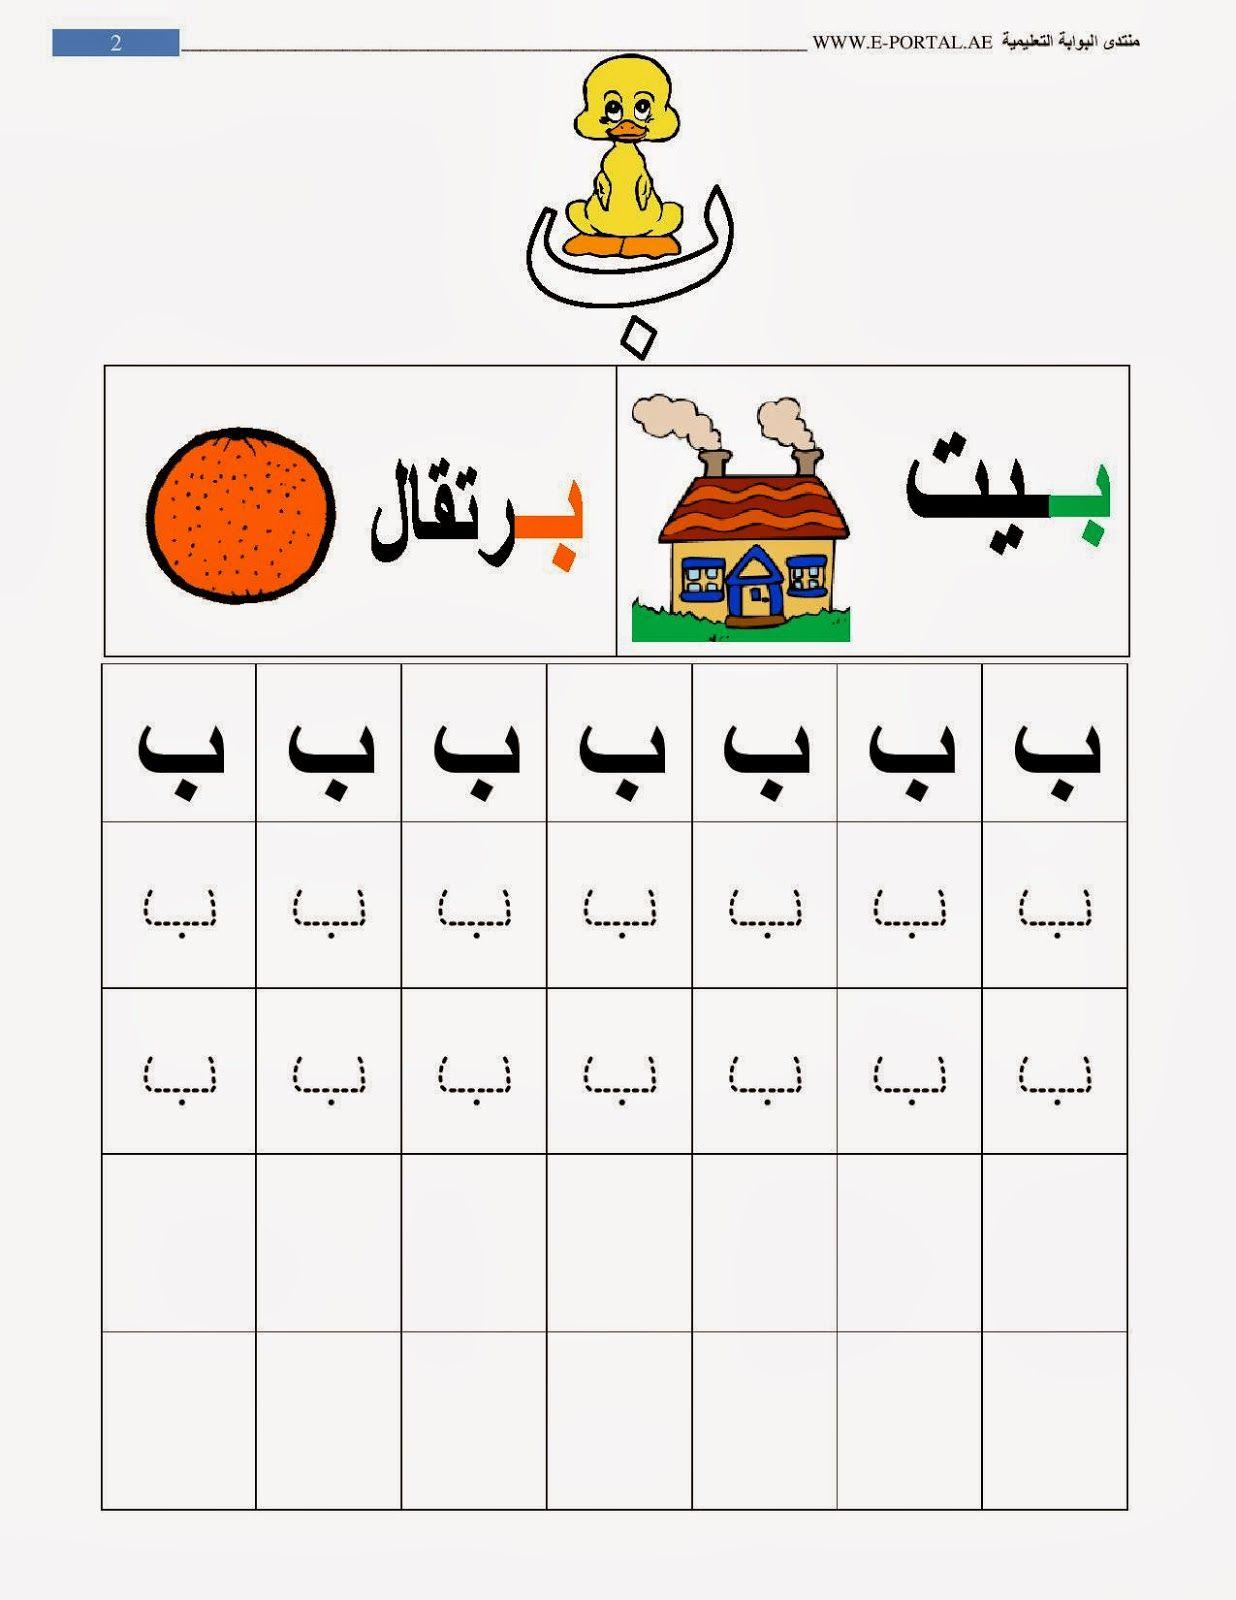 روضة العلم للاطفال: كراسة حروف الهجاء | enfant | Pinterest